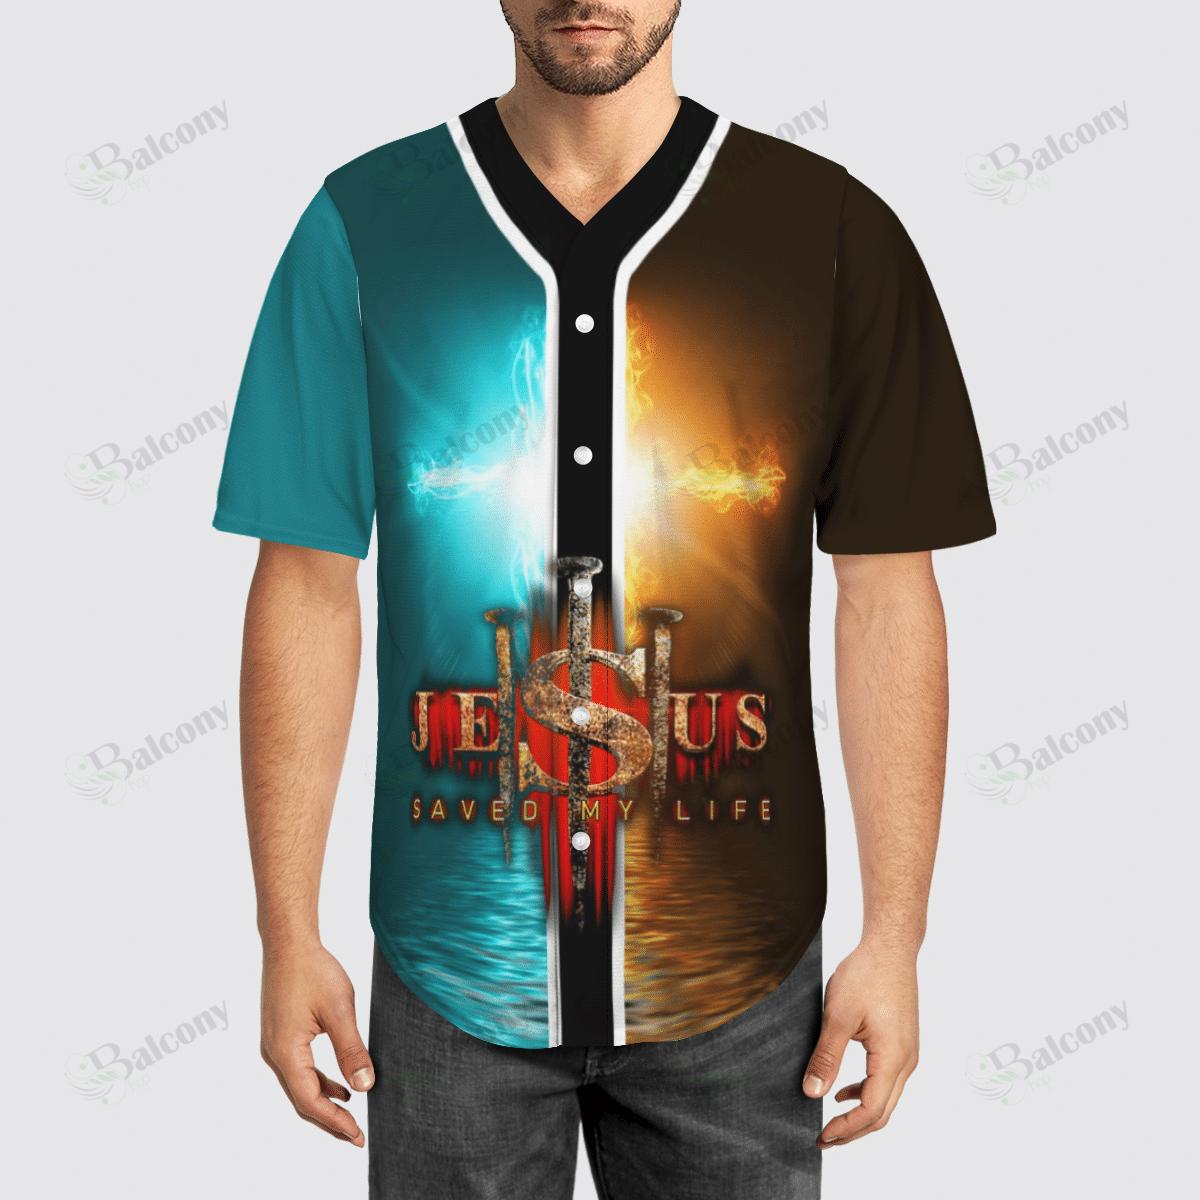 Jesus Saved my life Baseball Jersey shirt